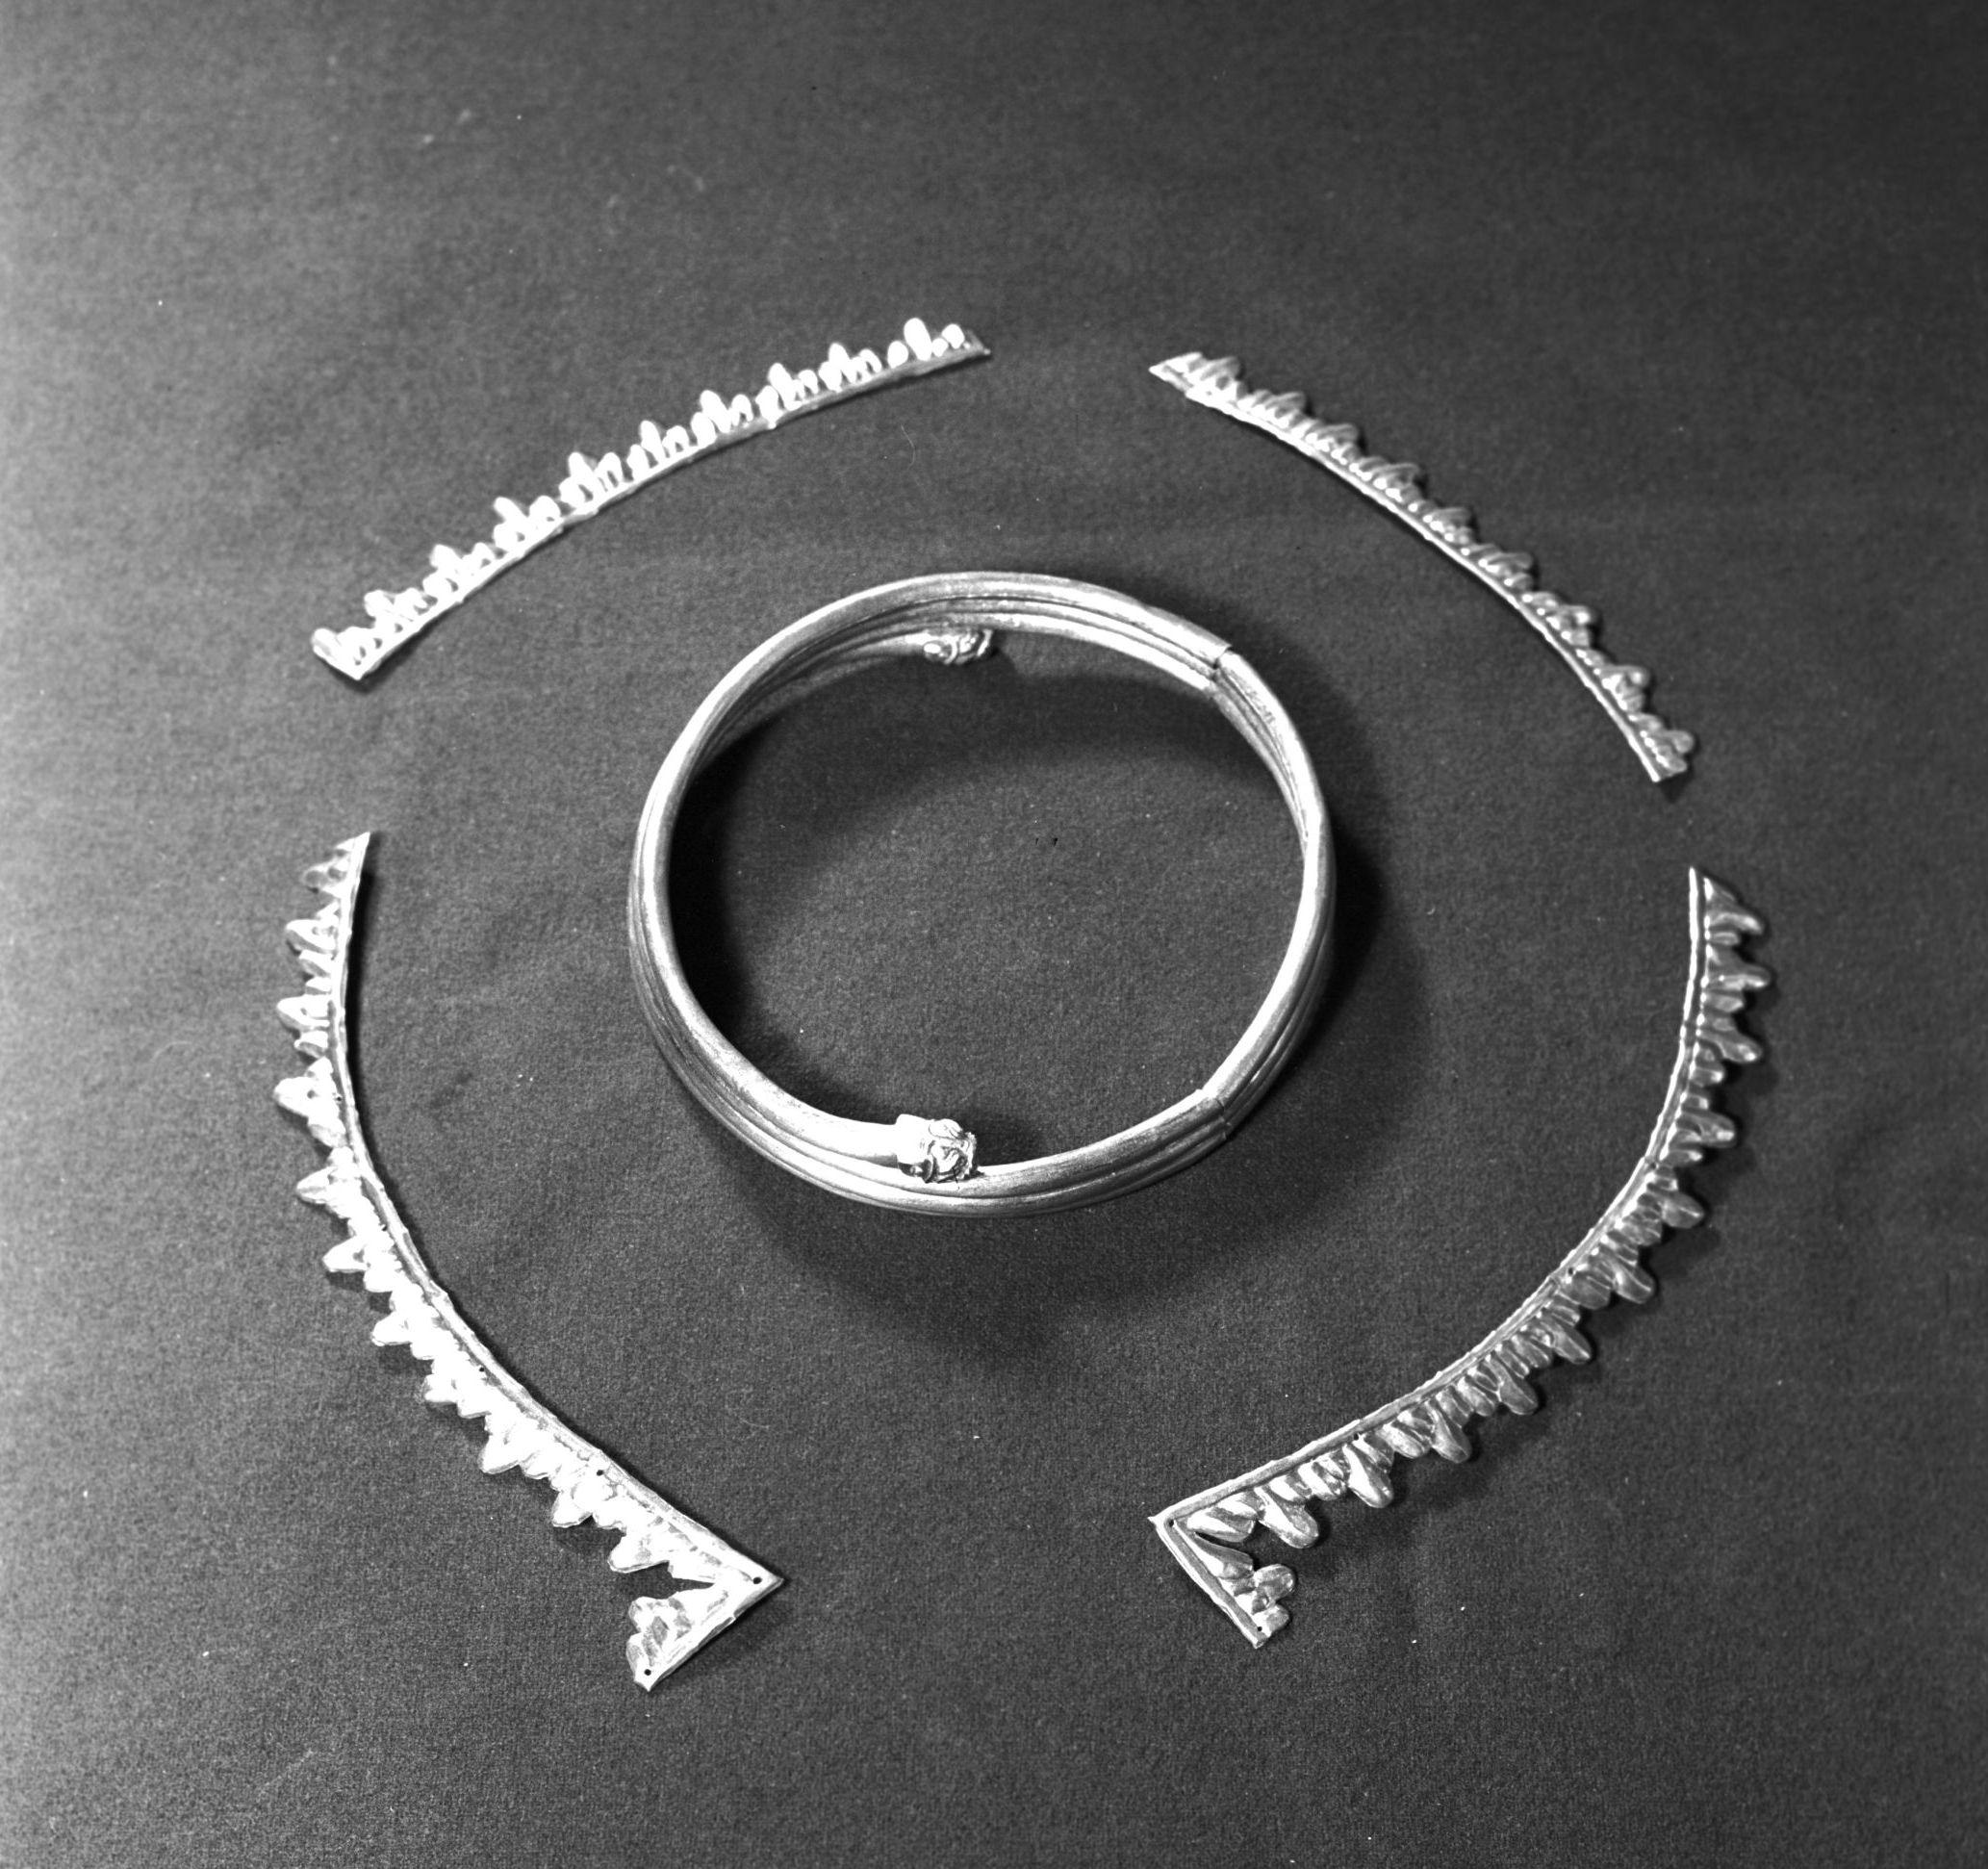 Золотая гривна - ожерелье, и золотые фигурные пластины - украшение головного убора